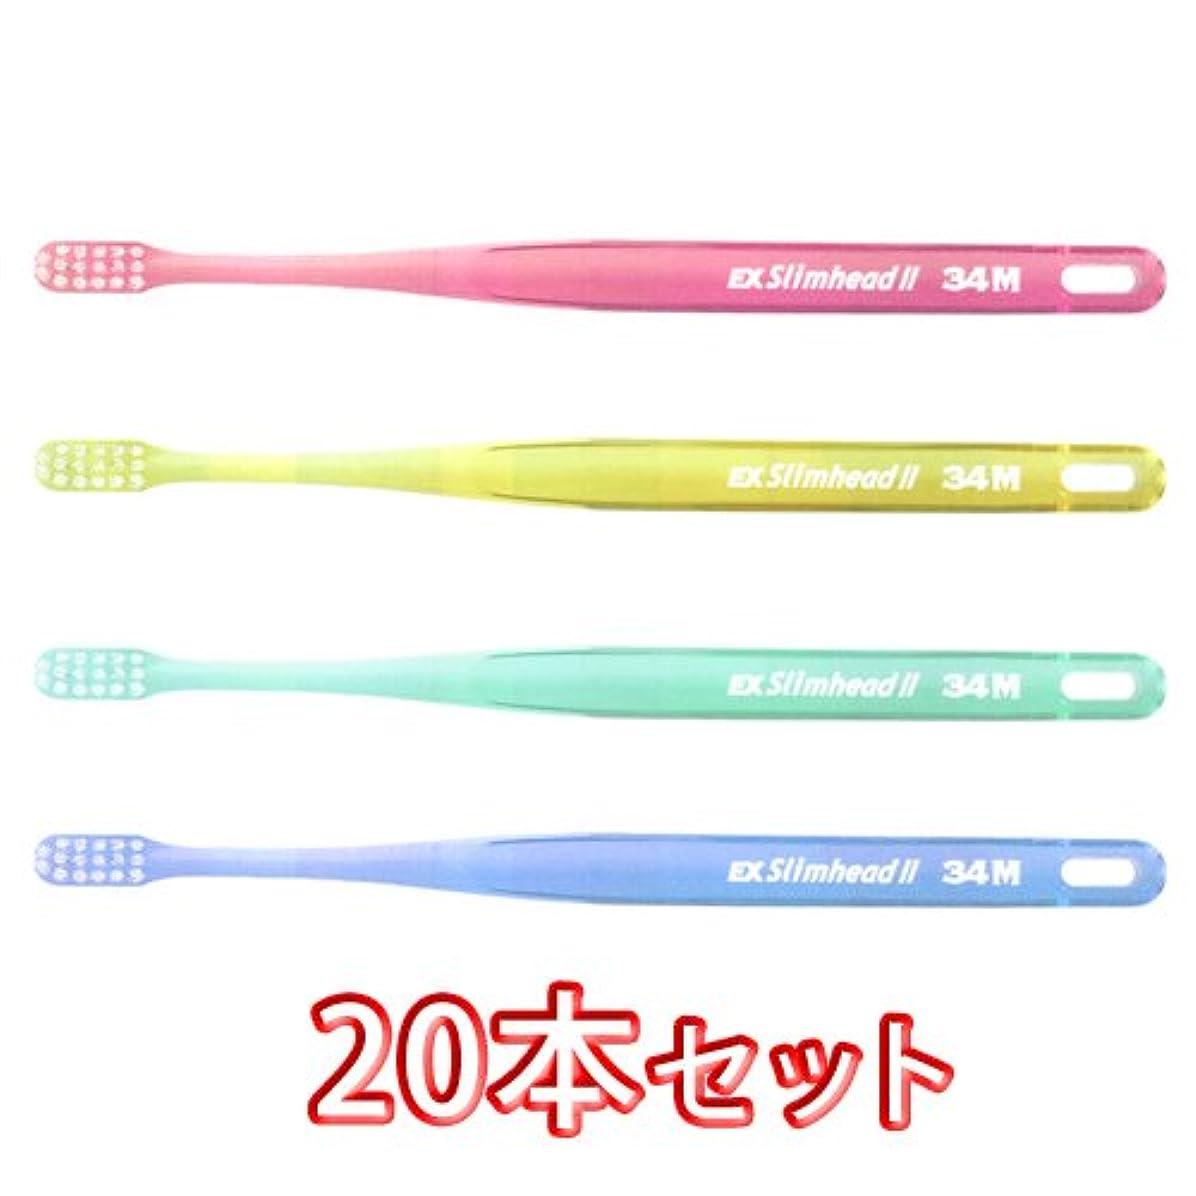 モデレータブリーフケースペデスタルライオン スリムヘッド2 歯ブラシ DENT . EX Slimhead2 20本入 (34M)